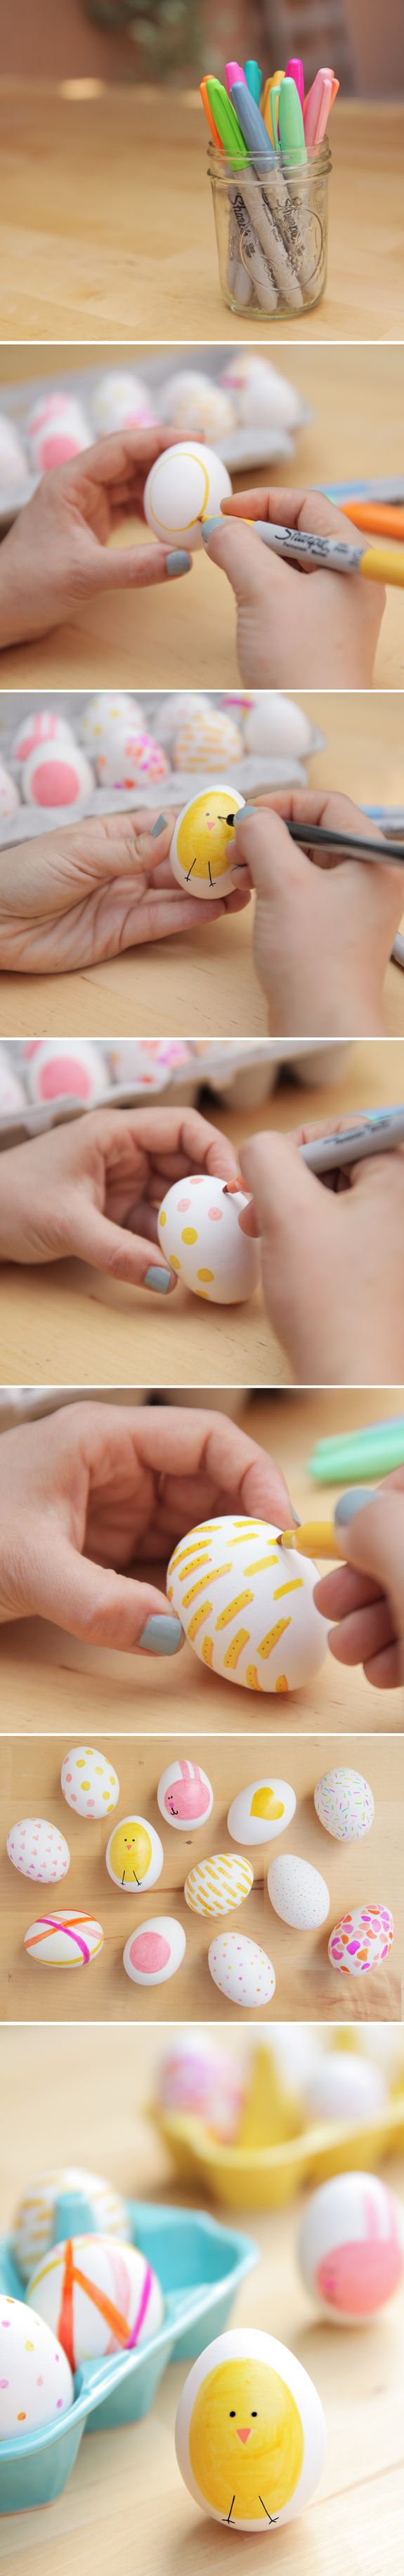 Красить яйца своими руками